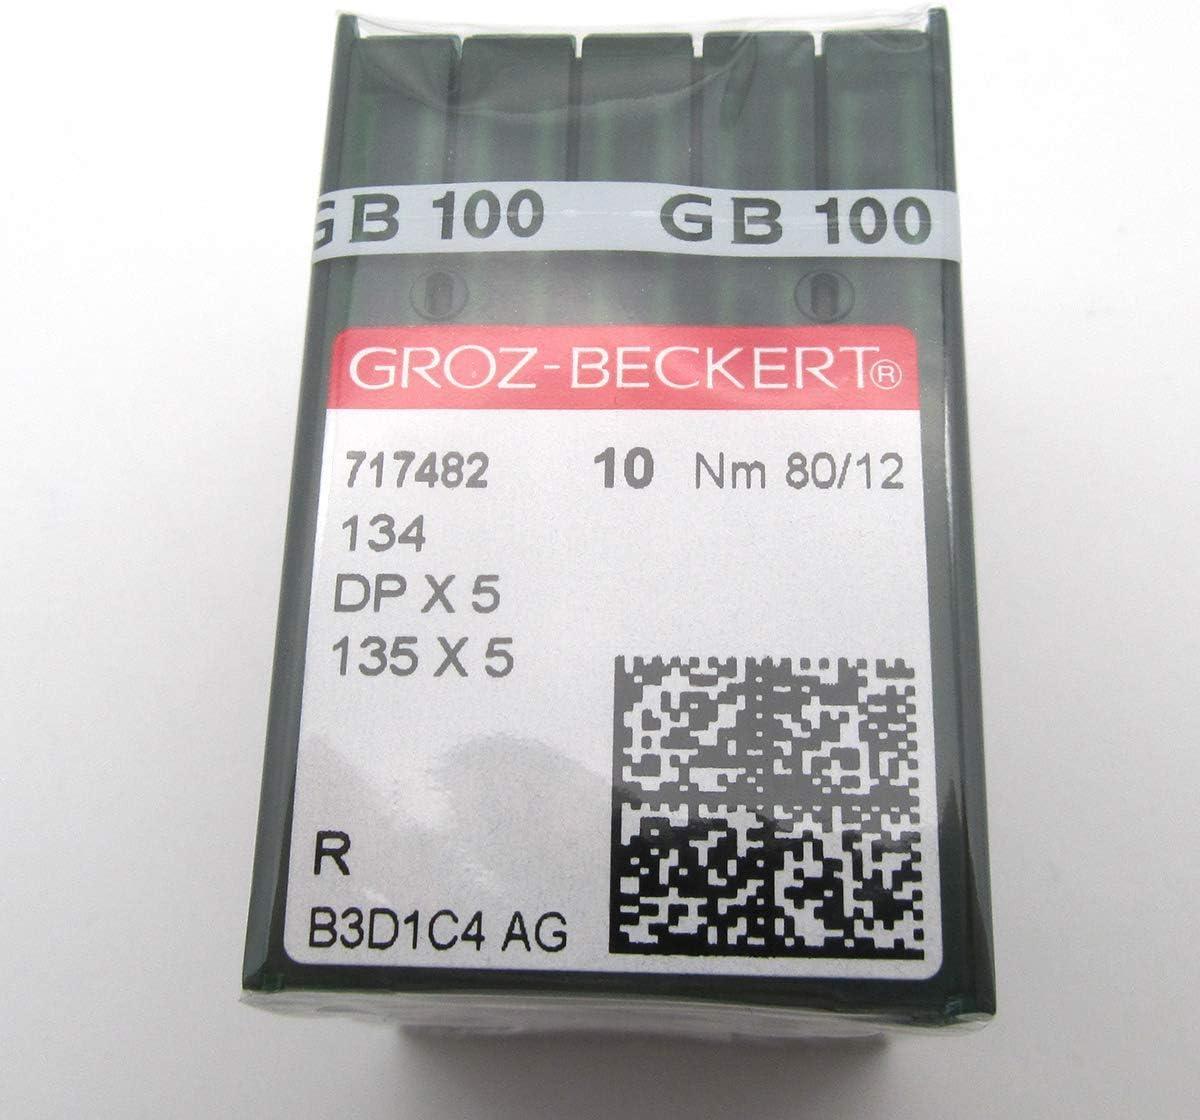 GROZ-BECKERT Aiguille /à coudre 100 GROZ-BECKERT 135 x 5 DPX5 Plusieurs tailles DPX5 21//130